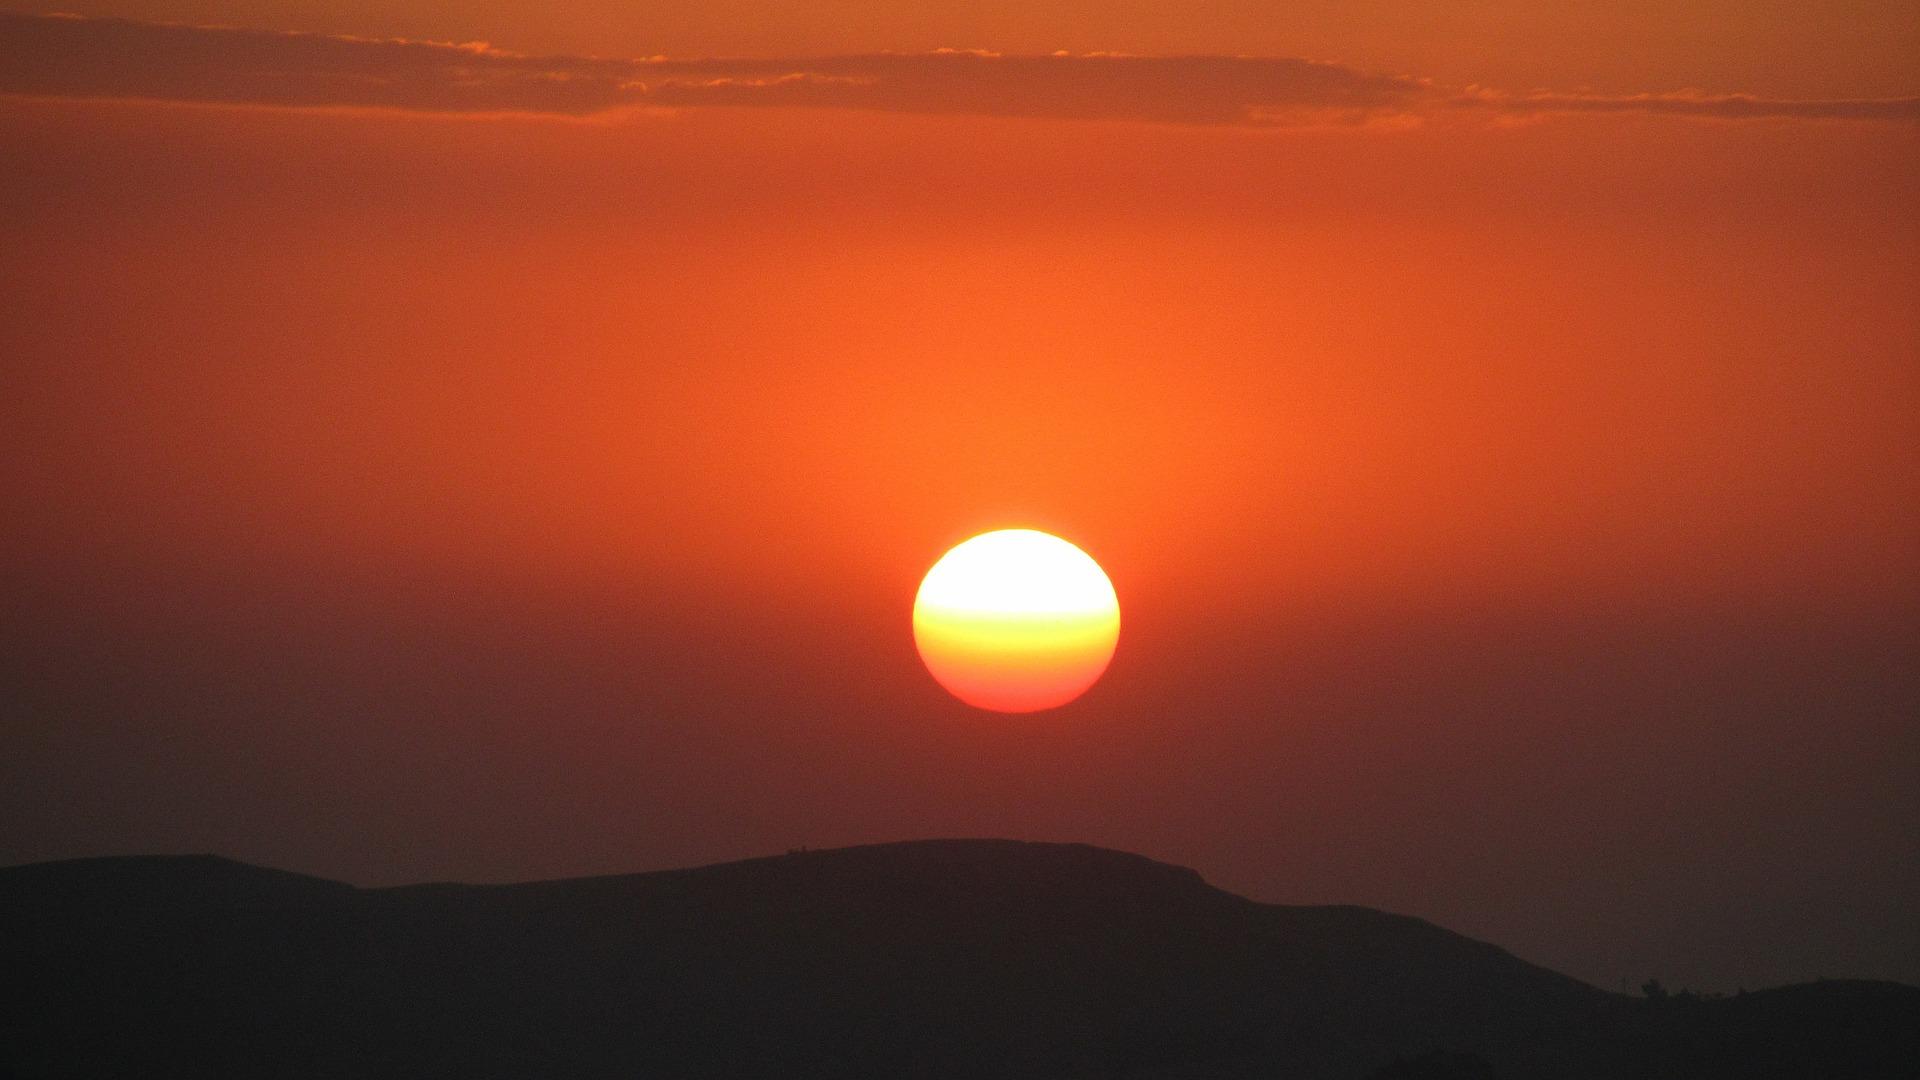 ethiopia-559130_1920.jpg